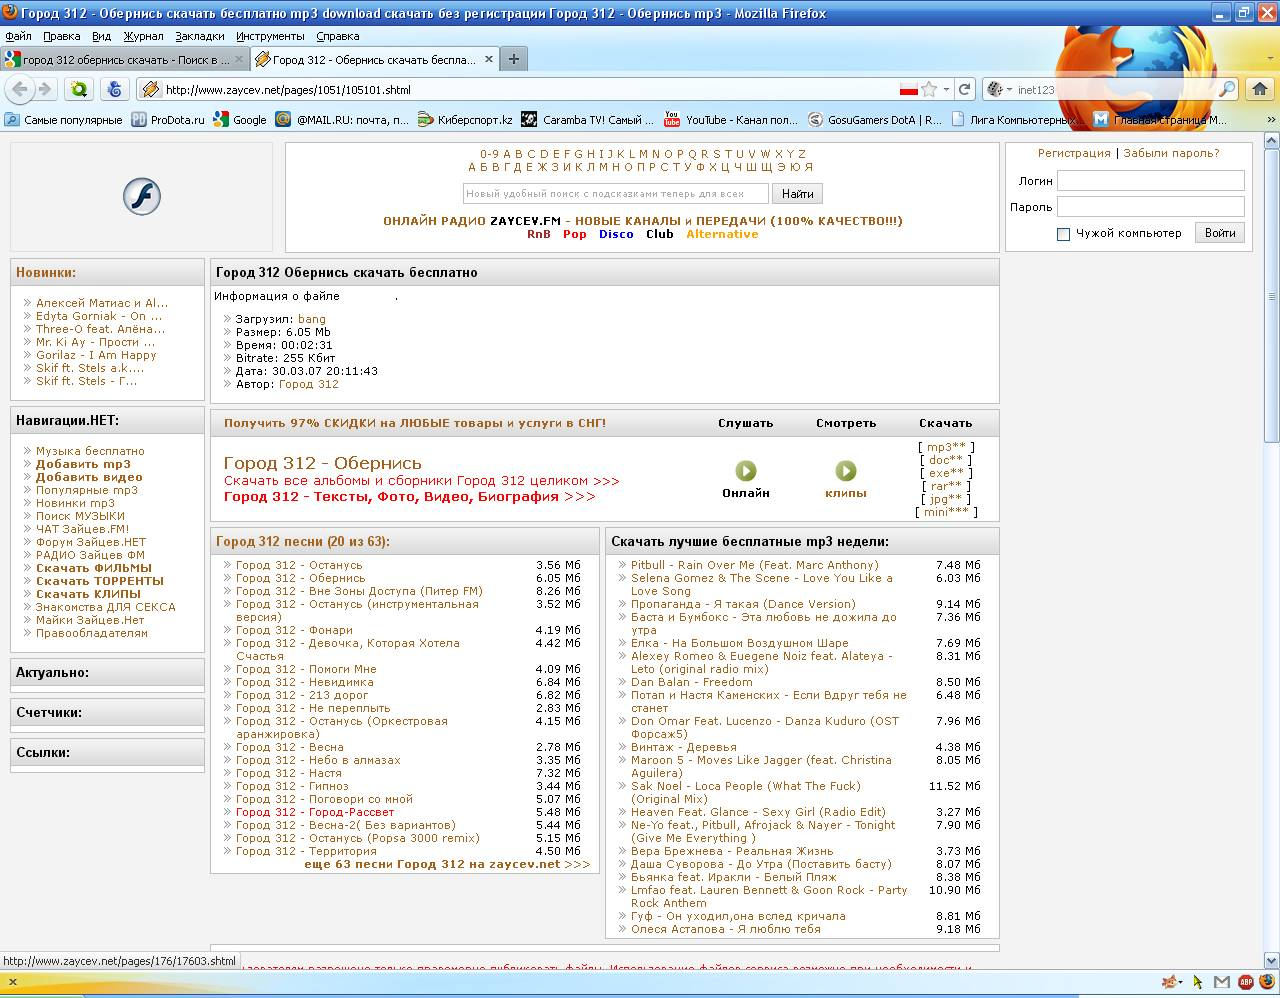 Перейдите на сайт сервиса для восстановления файлов